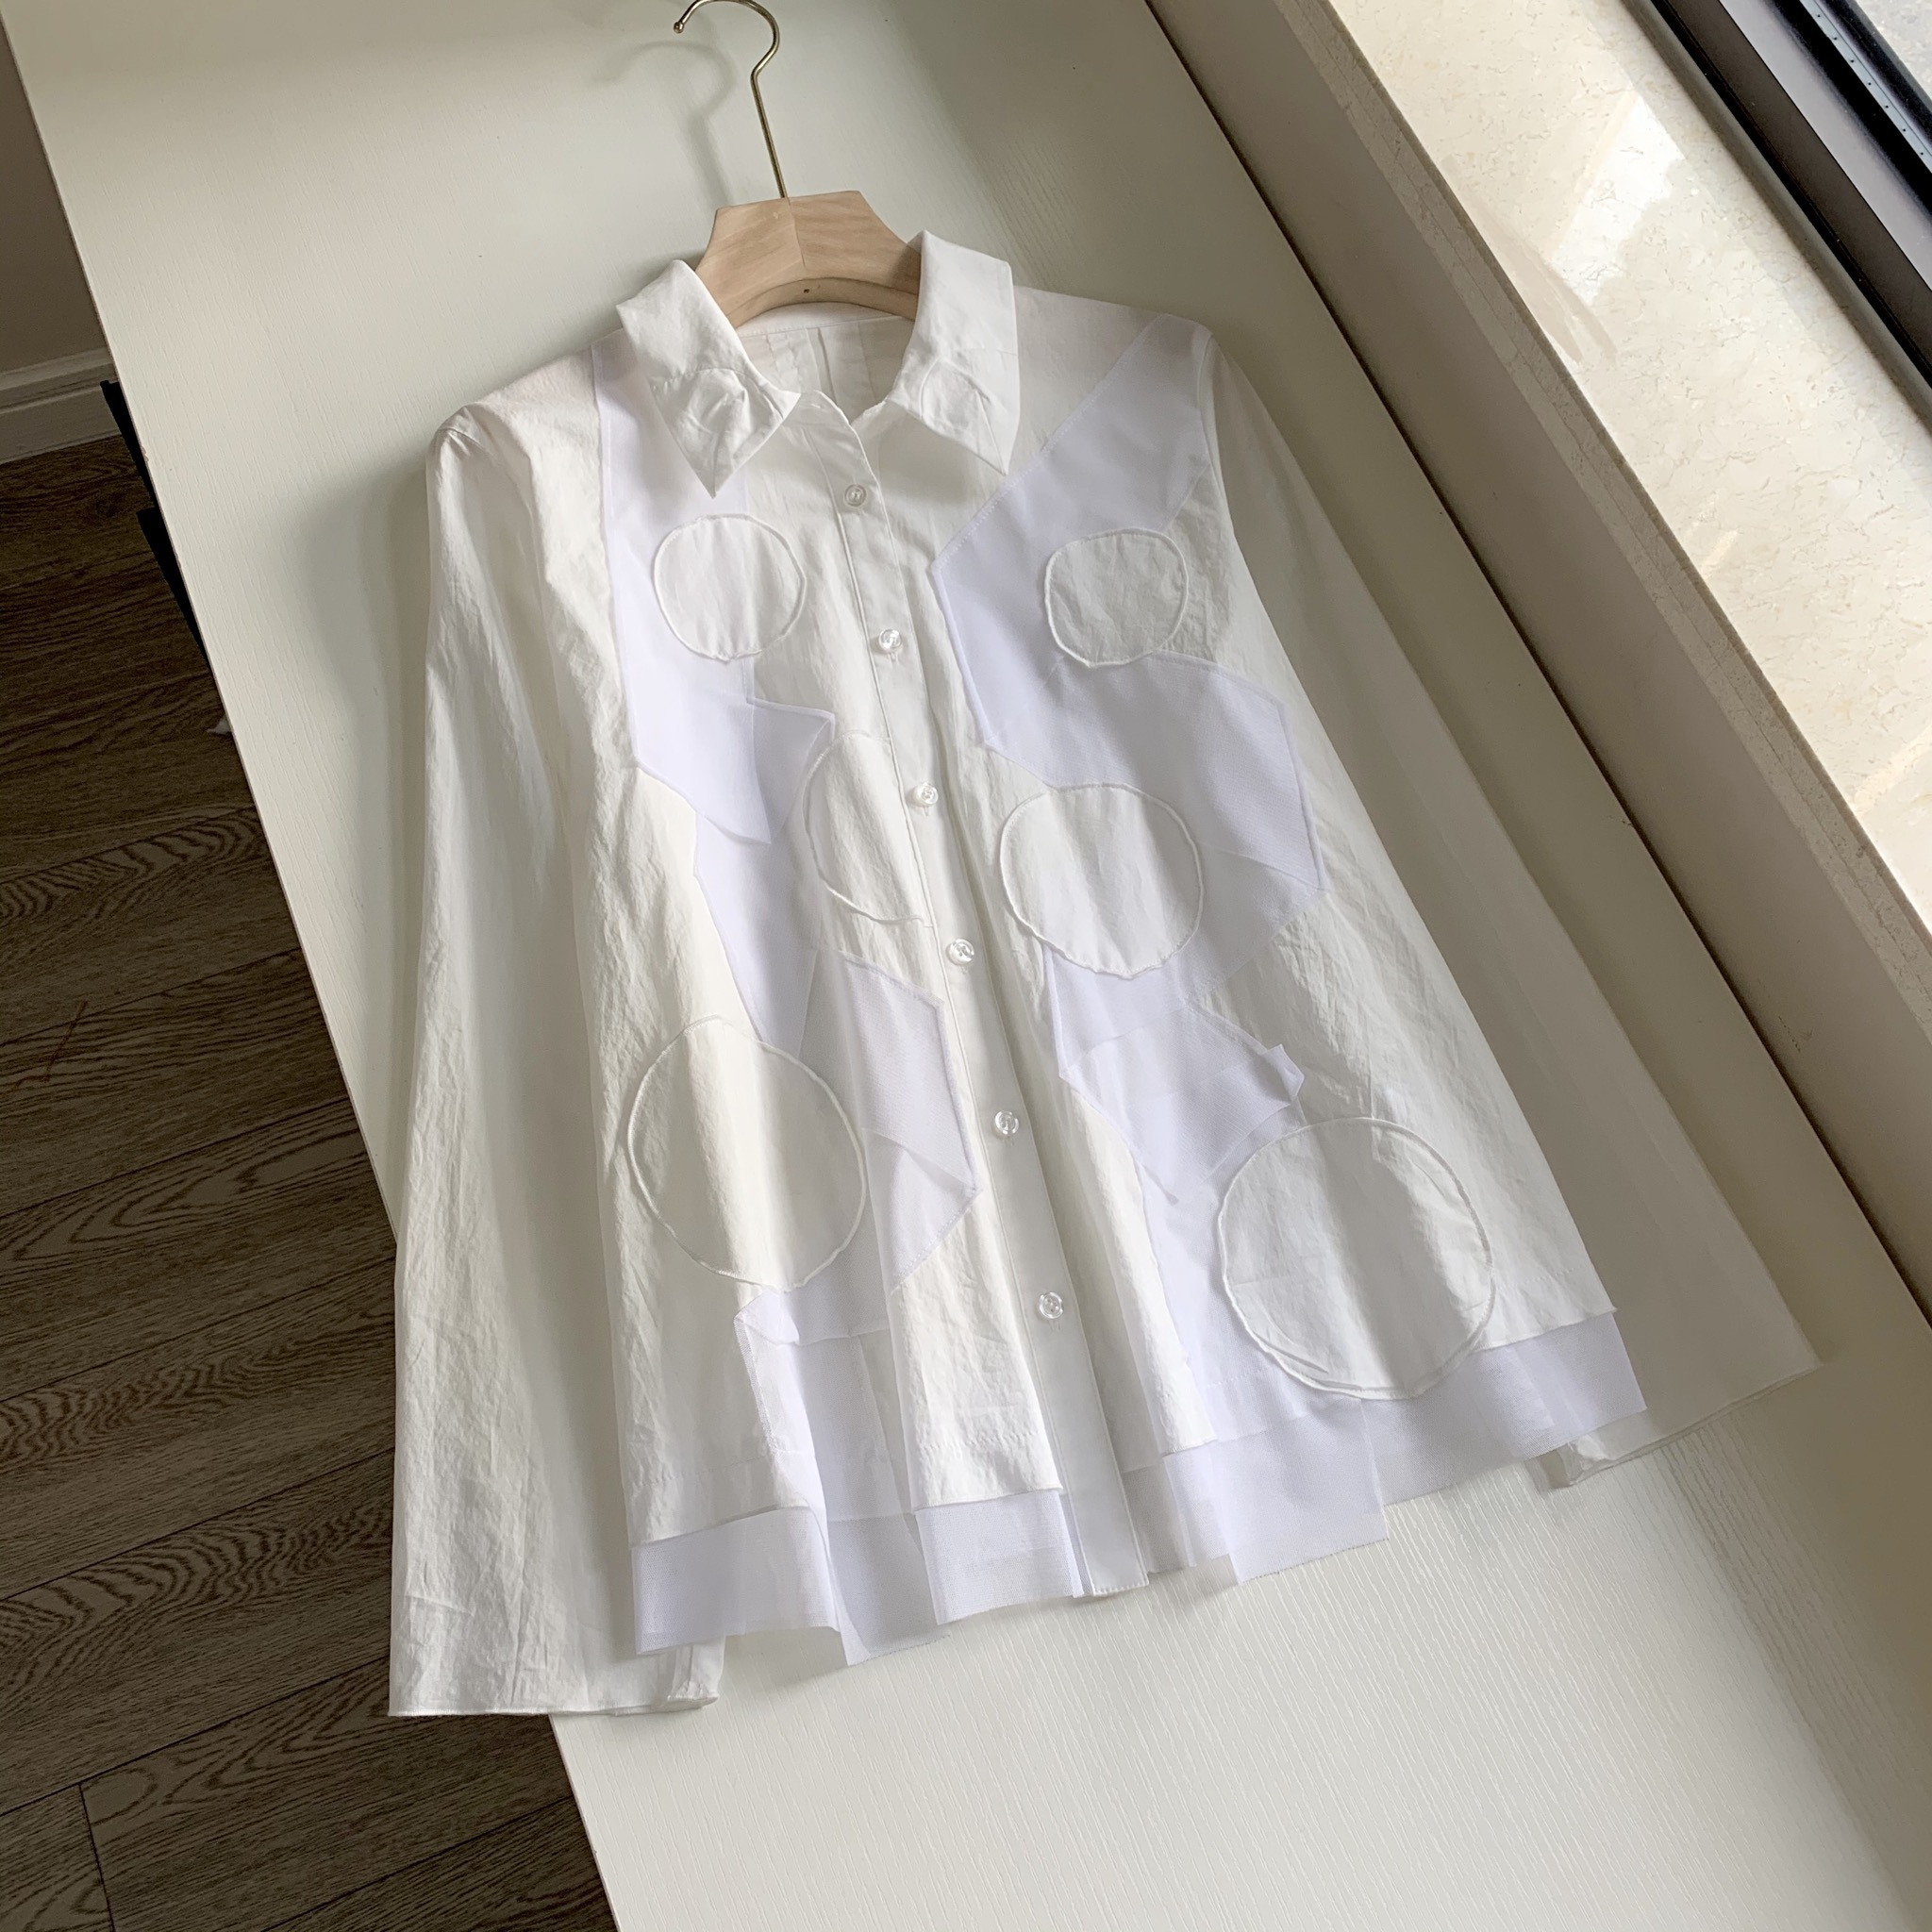 日系品质森系sens@unic@纱网拼接树叶领白色修身长袖衬衫